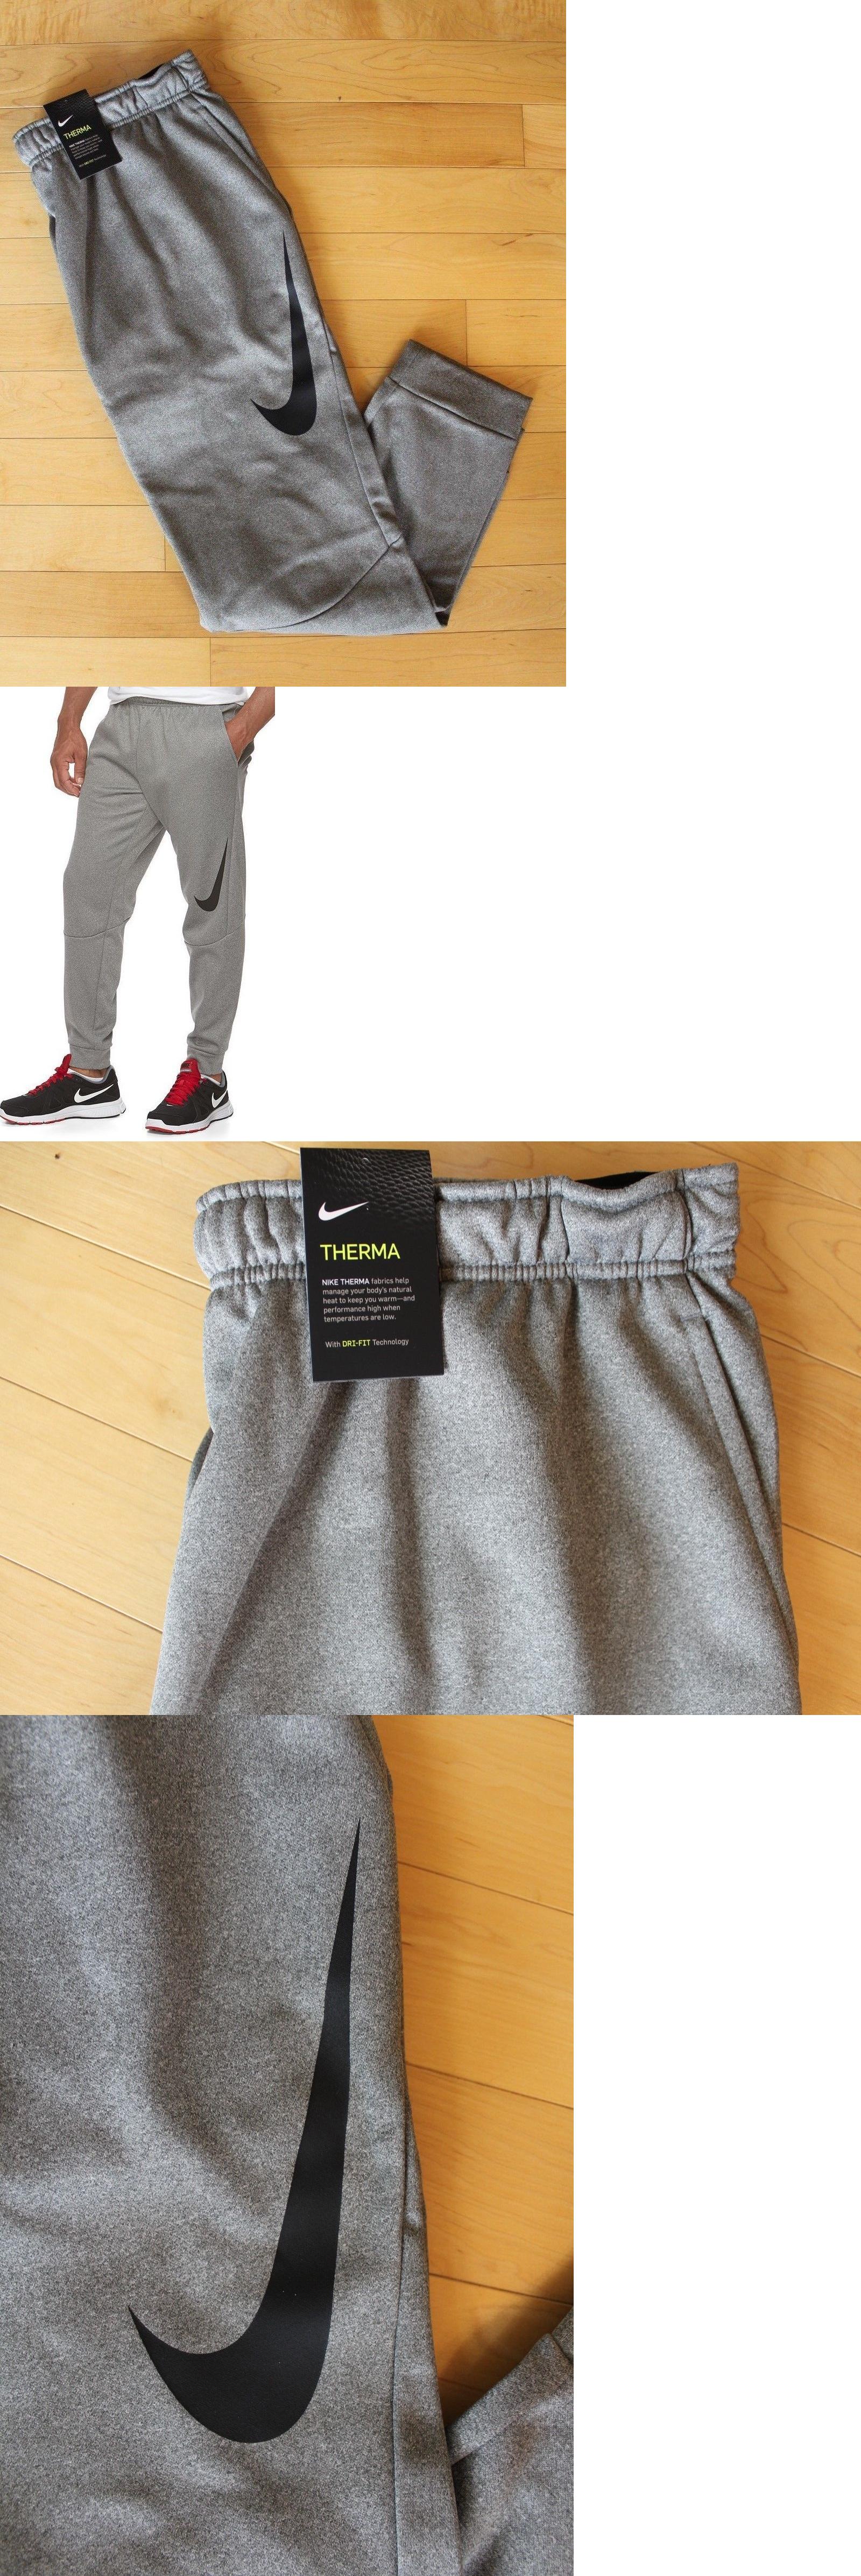 fa086a7f1036 Men Athletics  Nwt Nike Big And Tall Therma Jogger Sweatpants Gray Black  Xlt 2Xlt 3Xlt